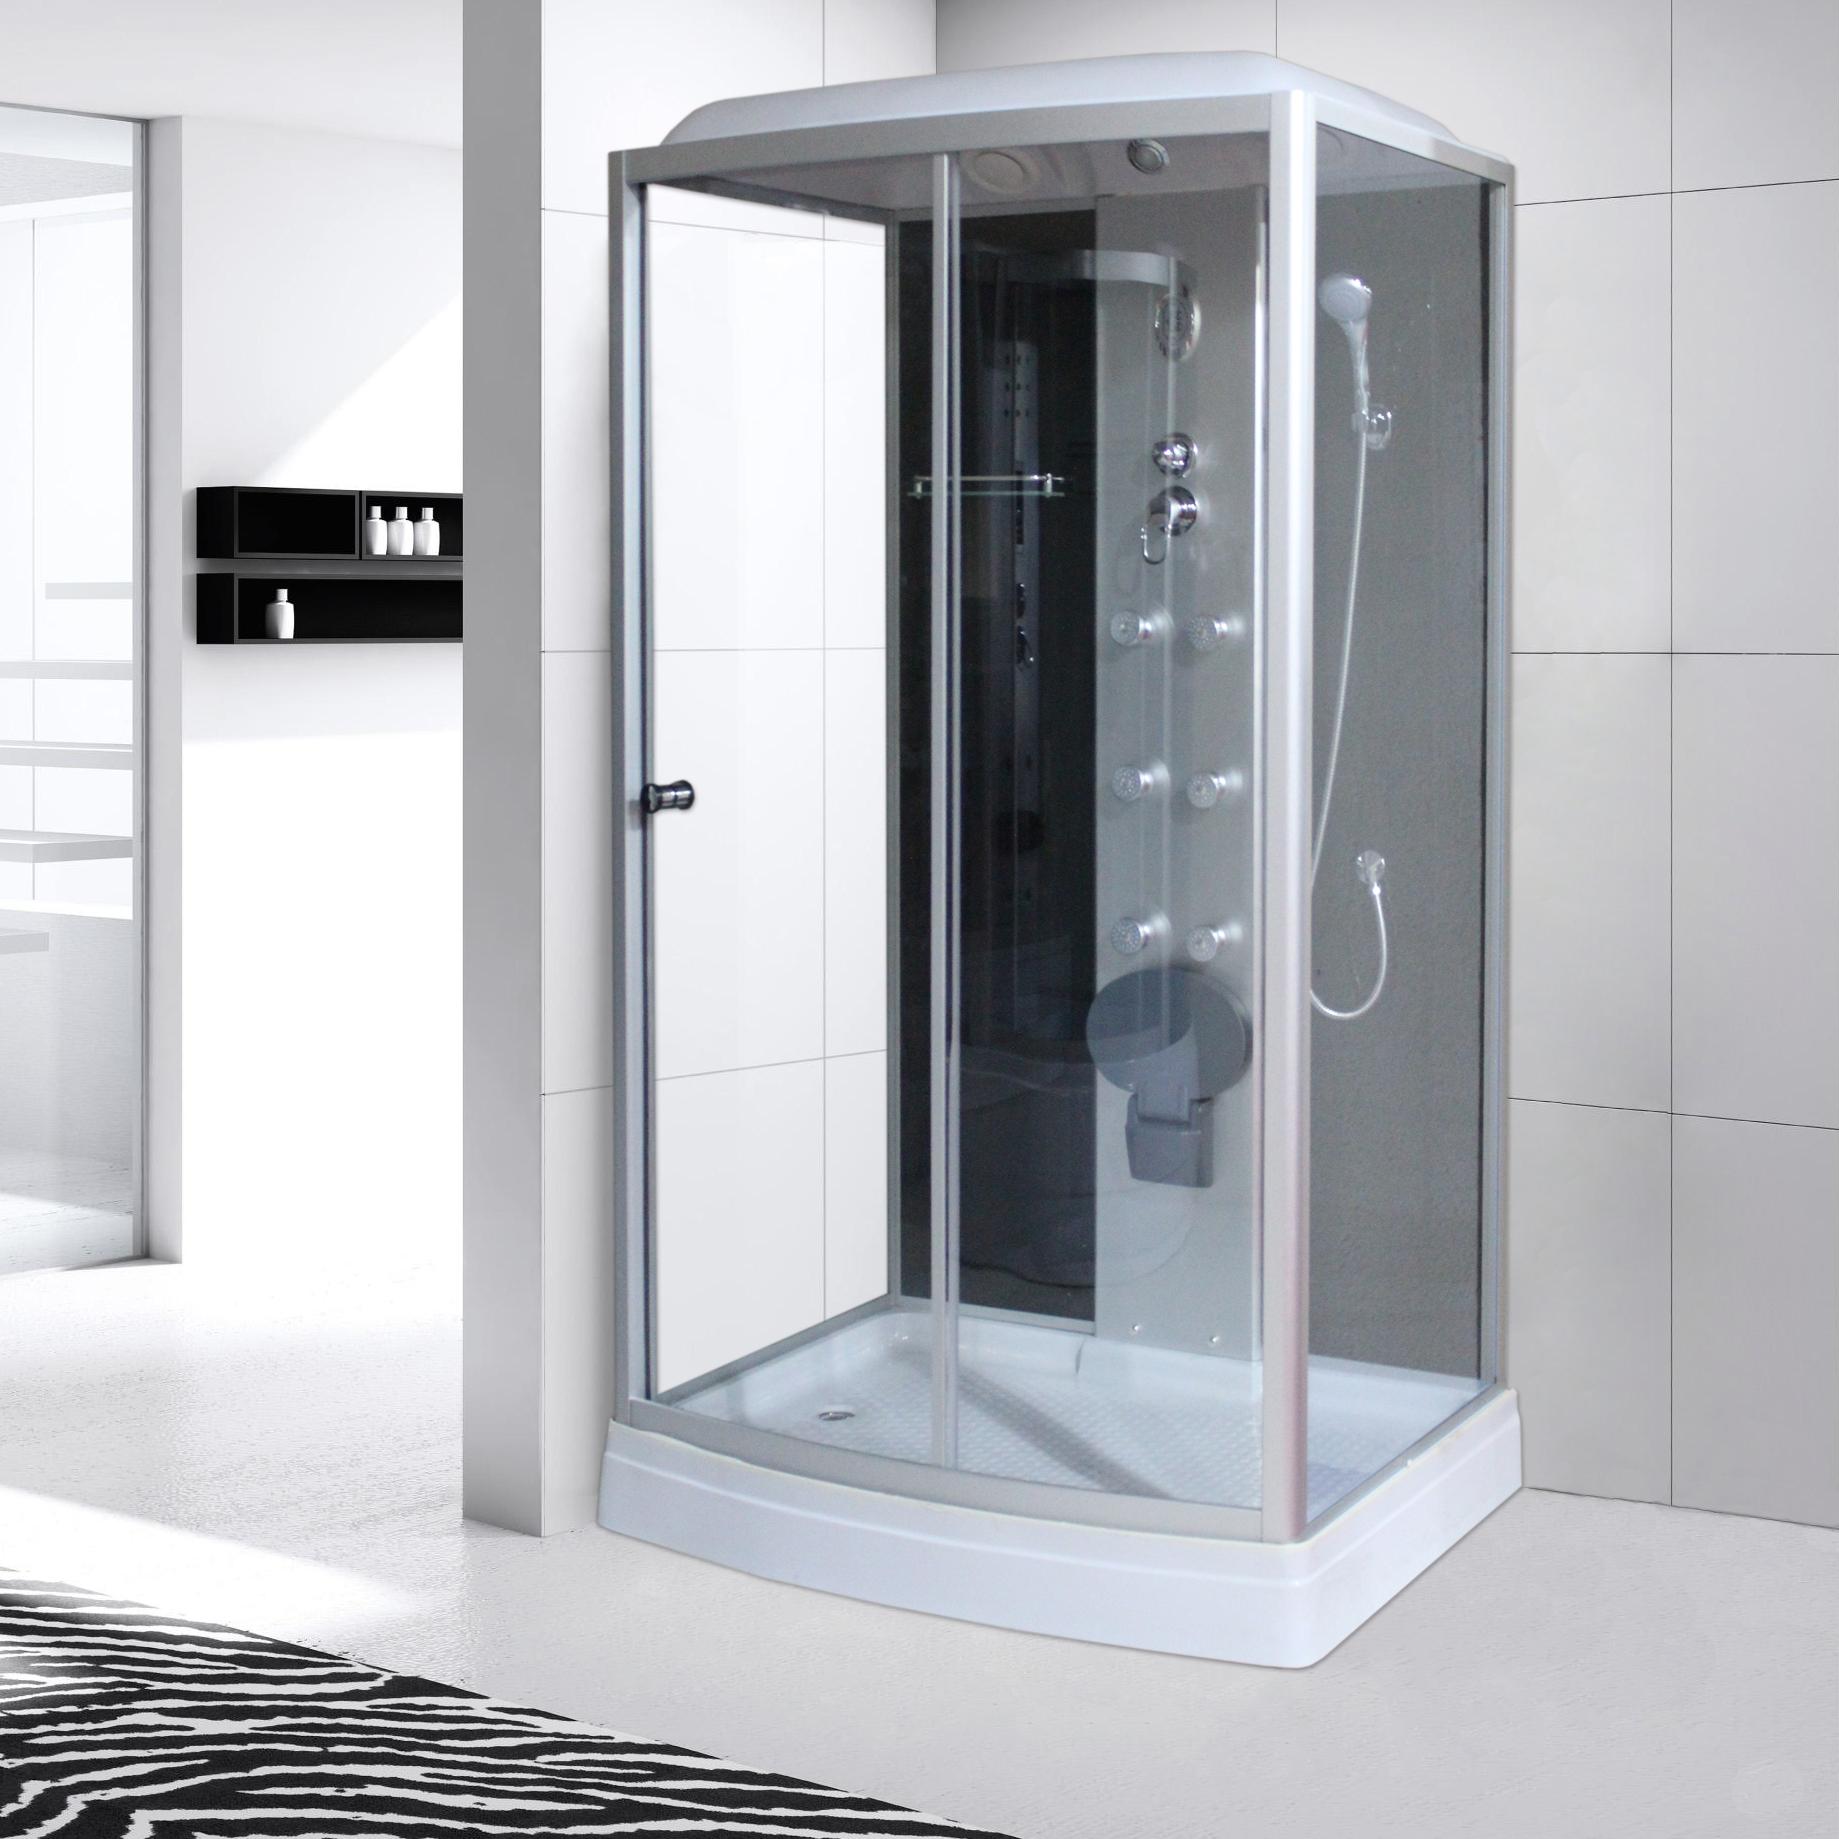 点击查看商品:淋浴房整体一体式长方形家用沐浴间封闭式钢化玻璃浴室移动洗澡间